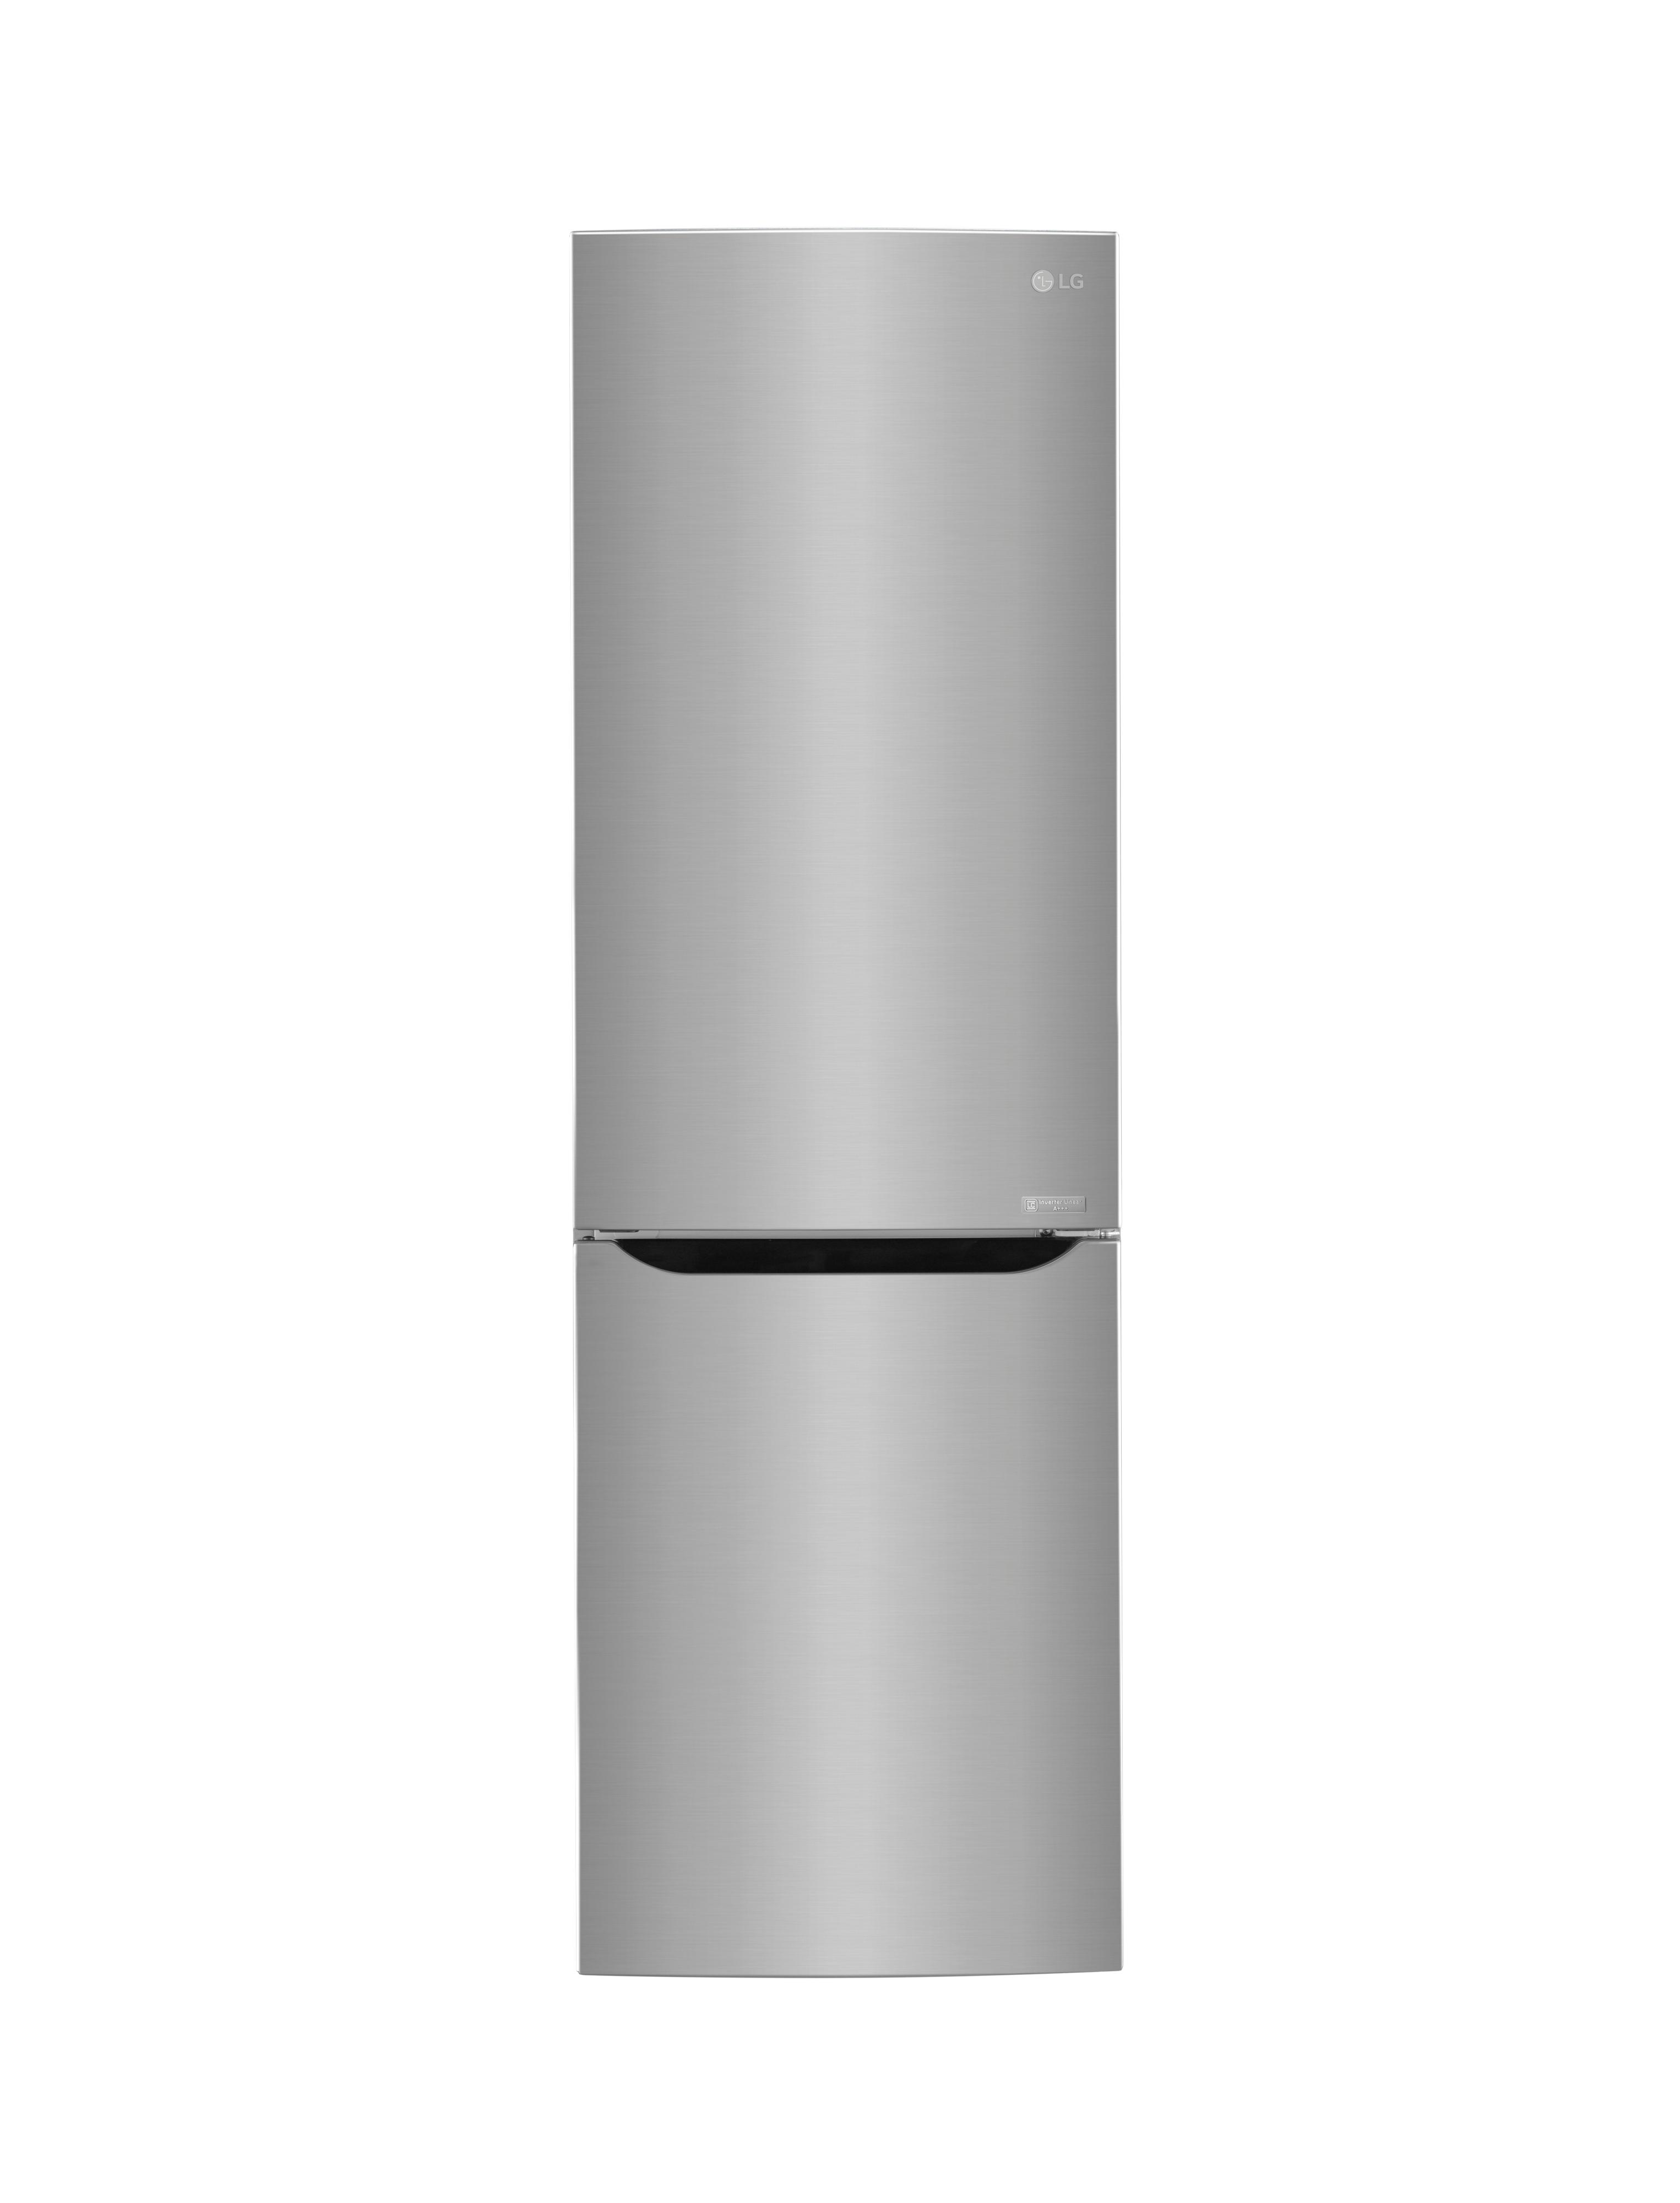 Réfrigérateur - 318 L - A+++ - 59.5cm - Froid ventilé - Inox platine